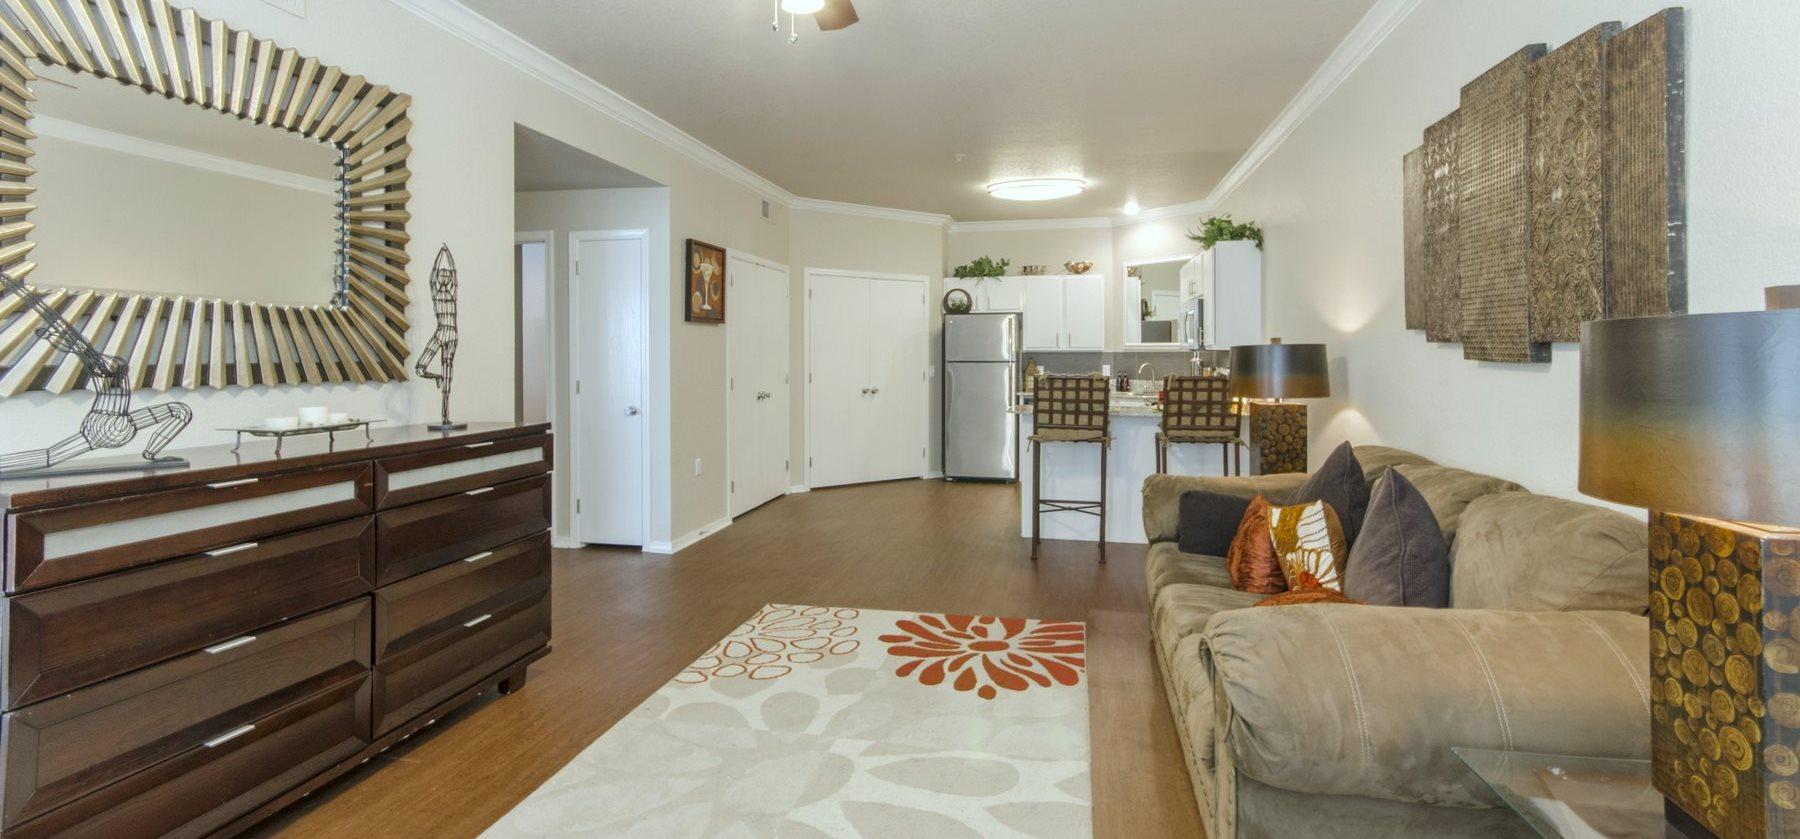 Apartments In Denton Tx By Unt